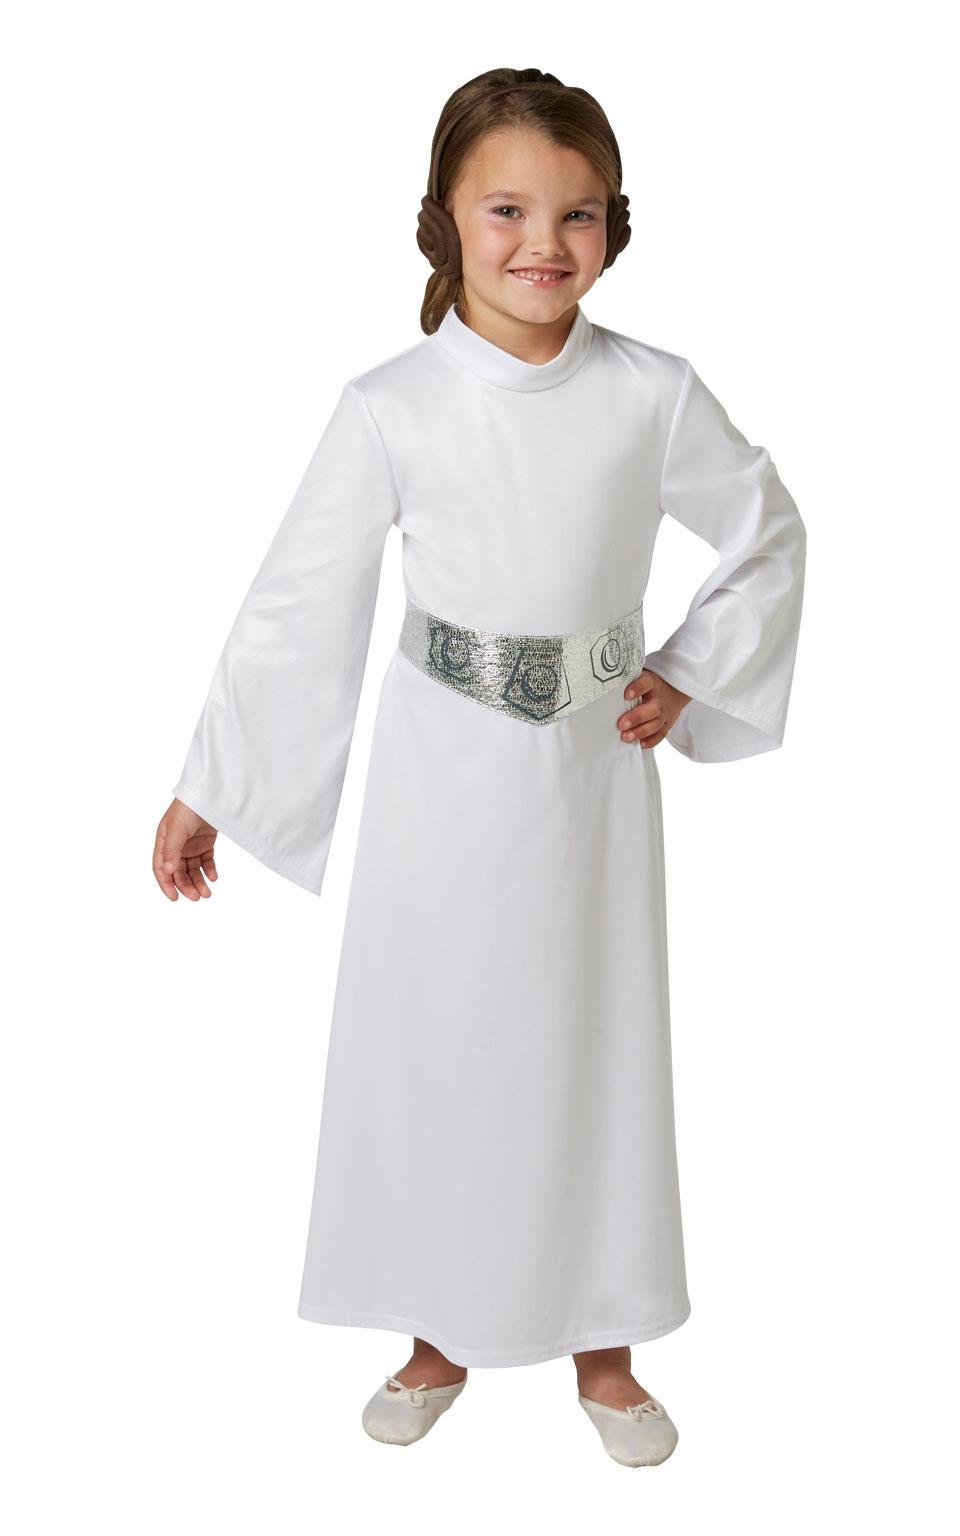 Костюм принцессы Леи детский (30-32) детский костюм супермен 30